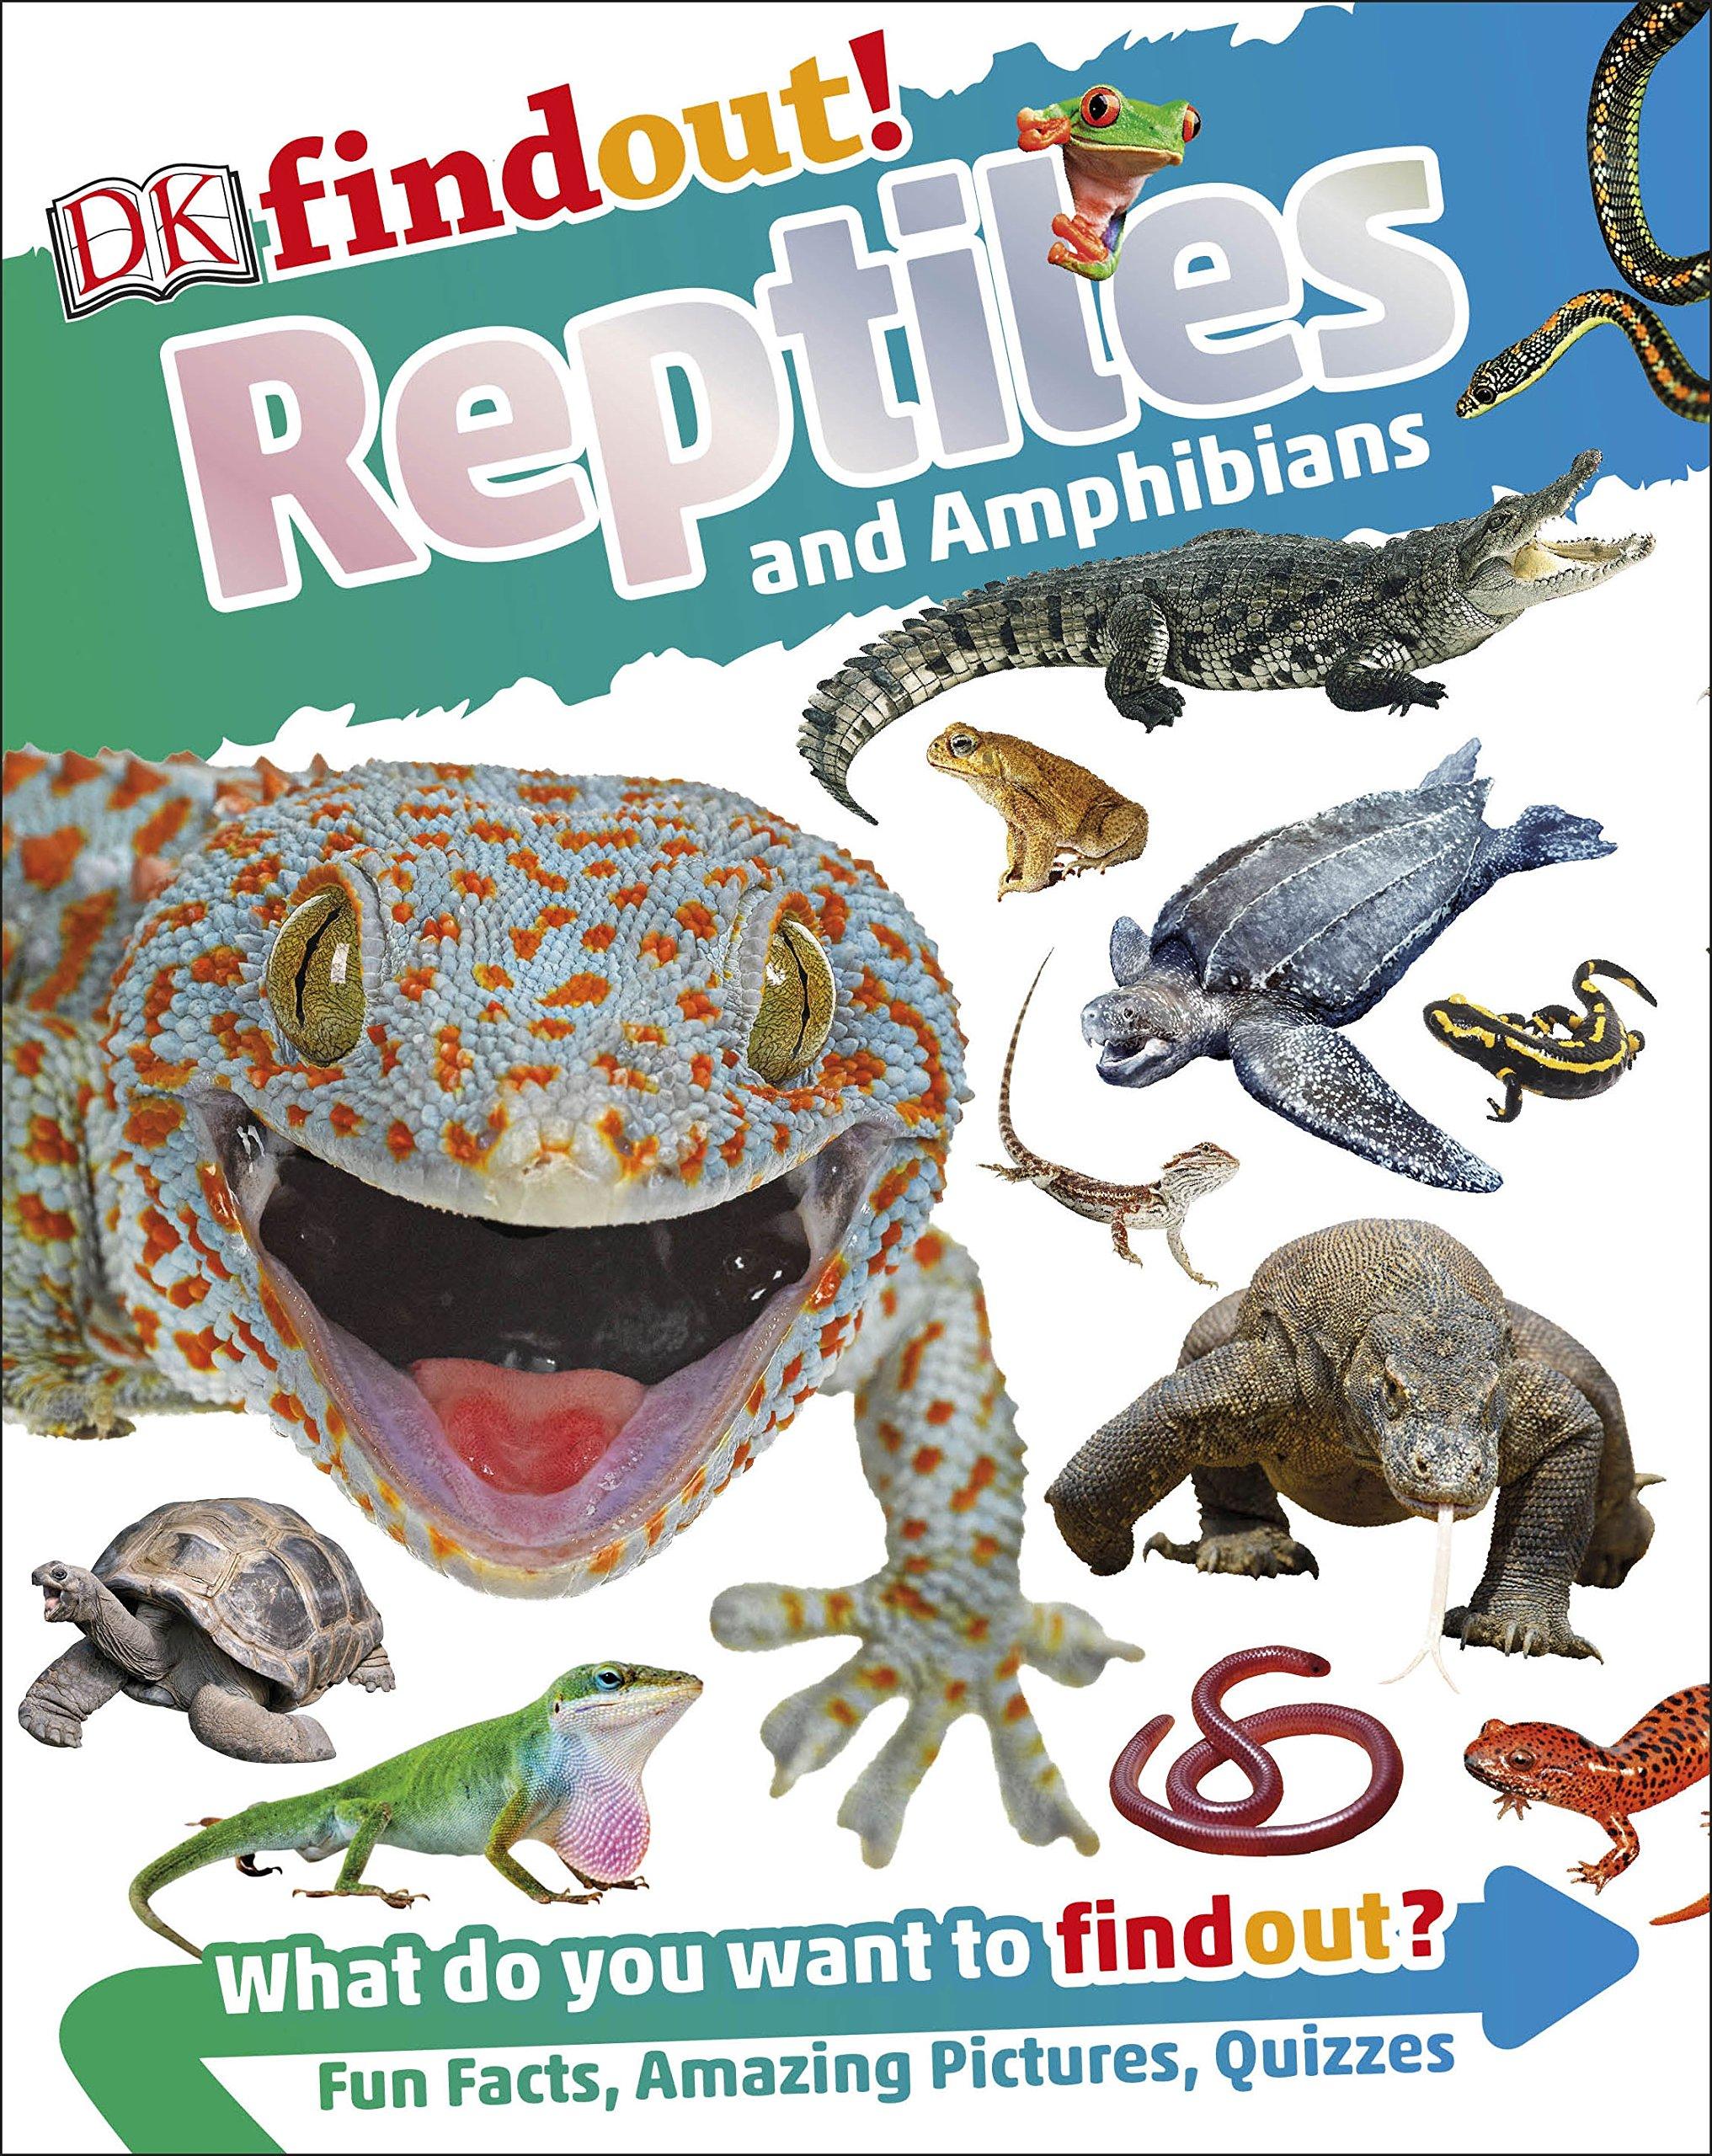 DKfindout! Reptiles and Amphibians: Amazon.es: DK: Libros en idiomas extranjeros